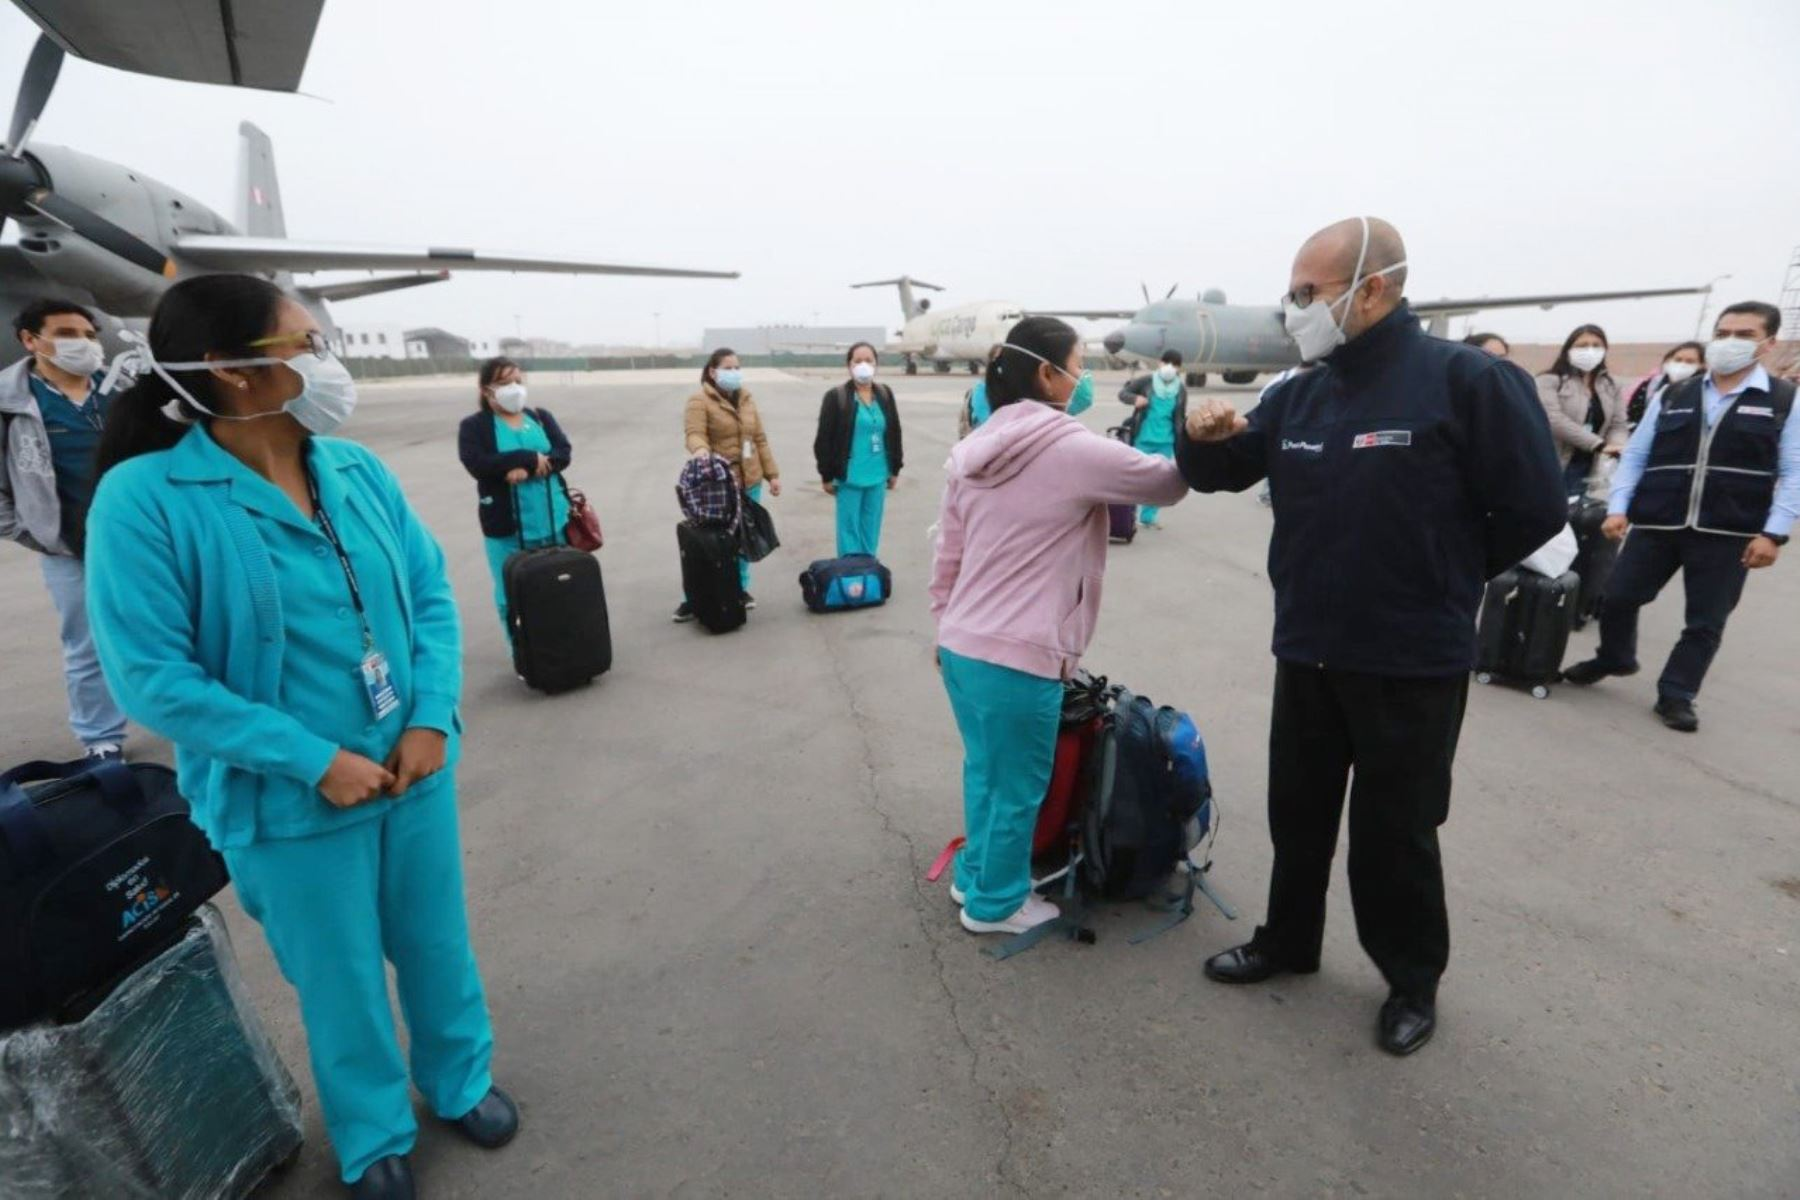 Ministro de Salud, Víctor Zamora despide al equipo de 25 profesionales de la salud, entre médicos y enfermeros, que viaja rumbo a Piura para apoyar en la lucha contra el coronavirus en la región. Foto: MINSA